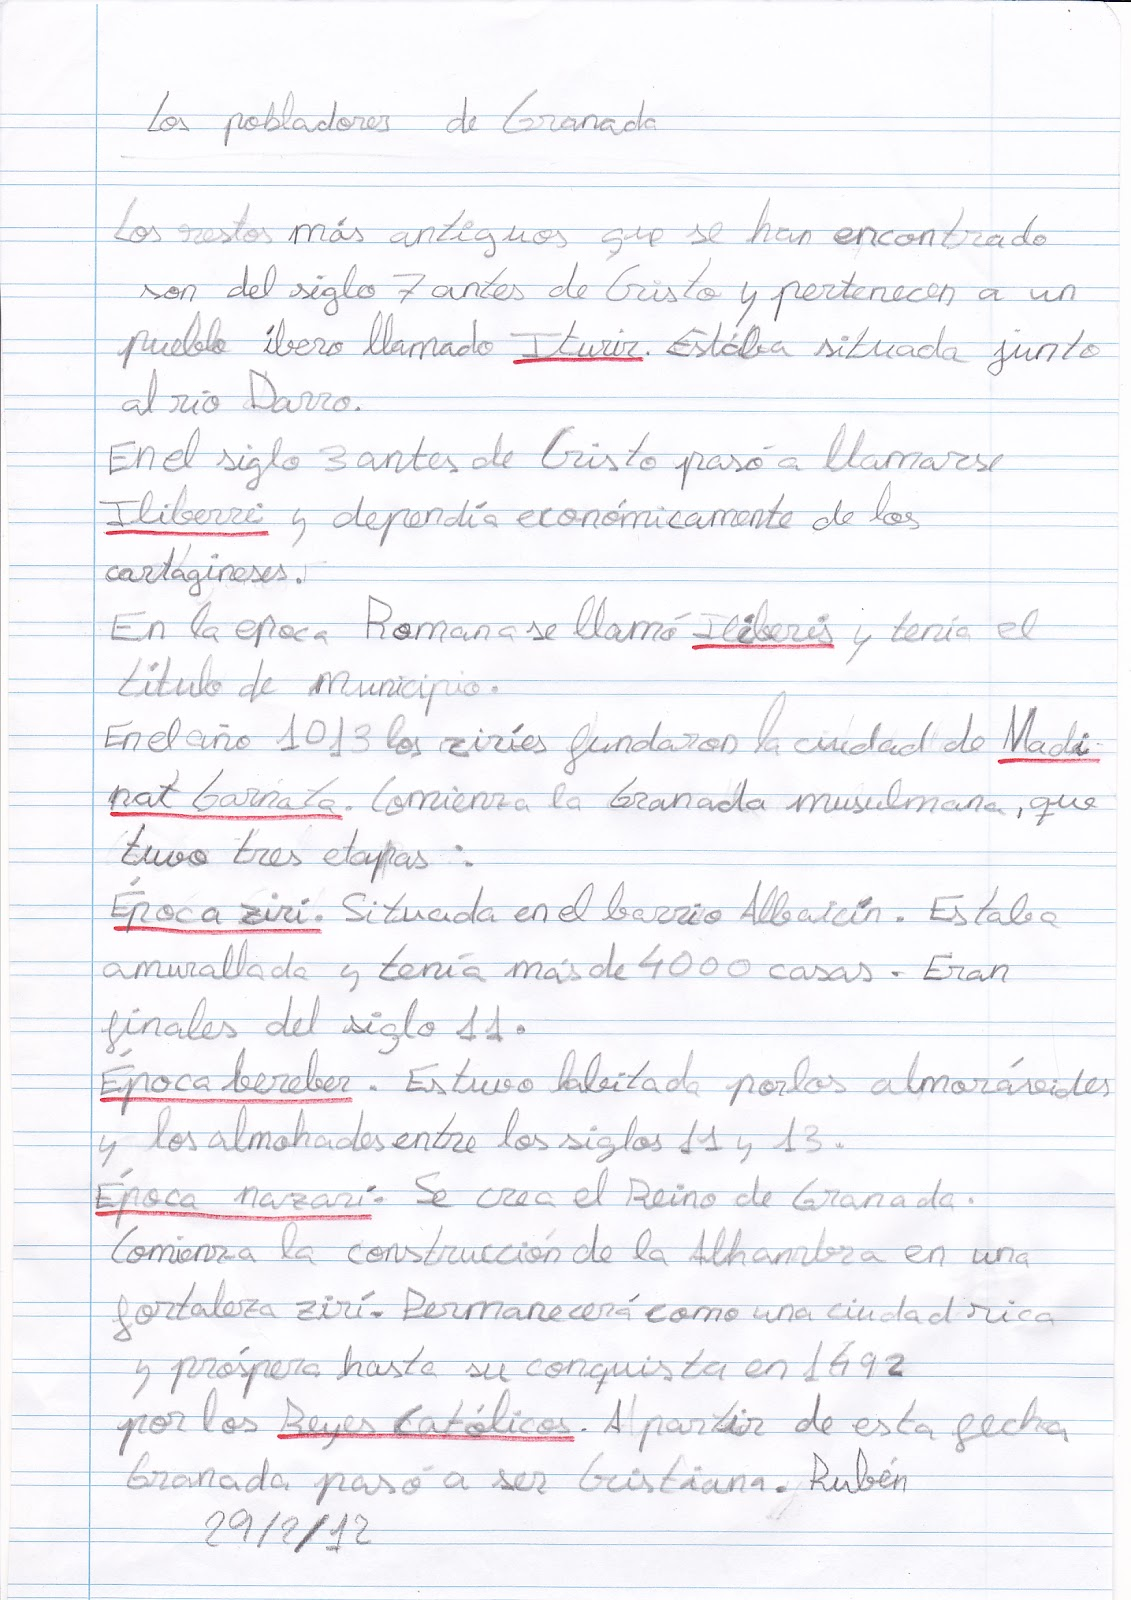 Ceip El Zargal Second Grade Los Pobladores De Granada